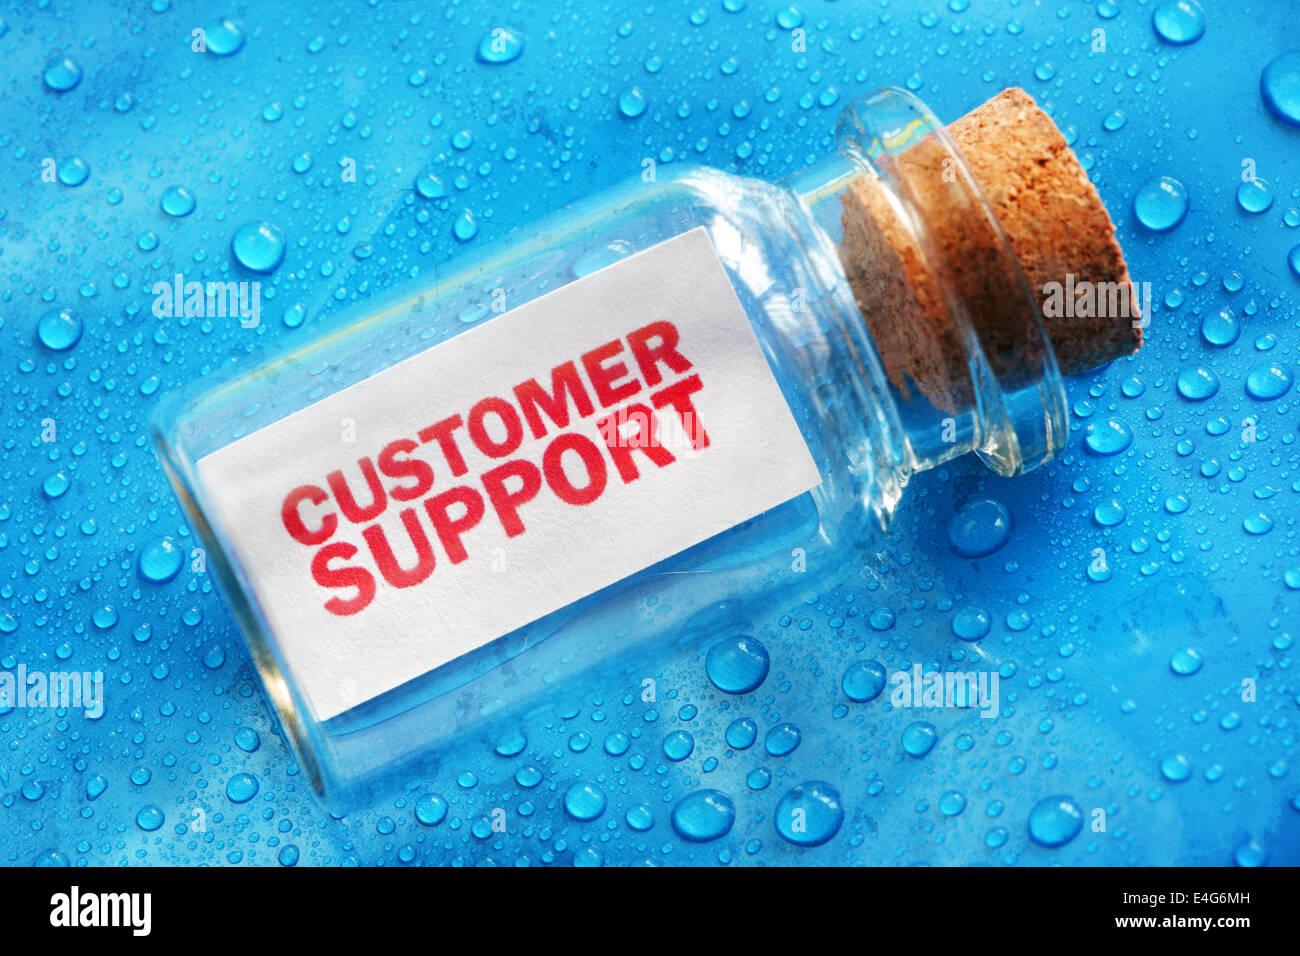 Supporto clienti Immagini Stock